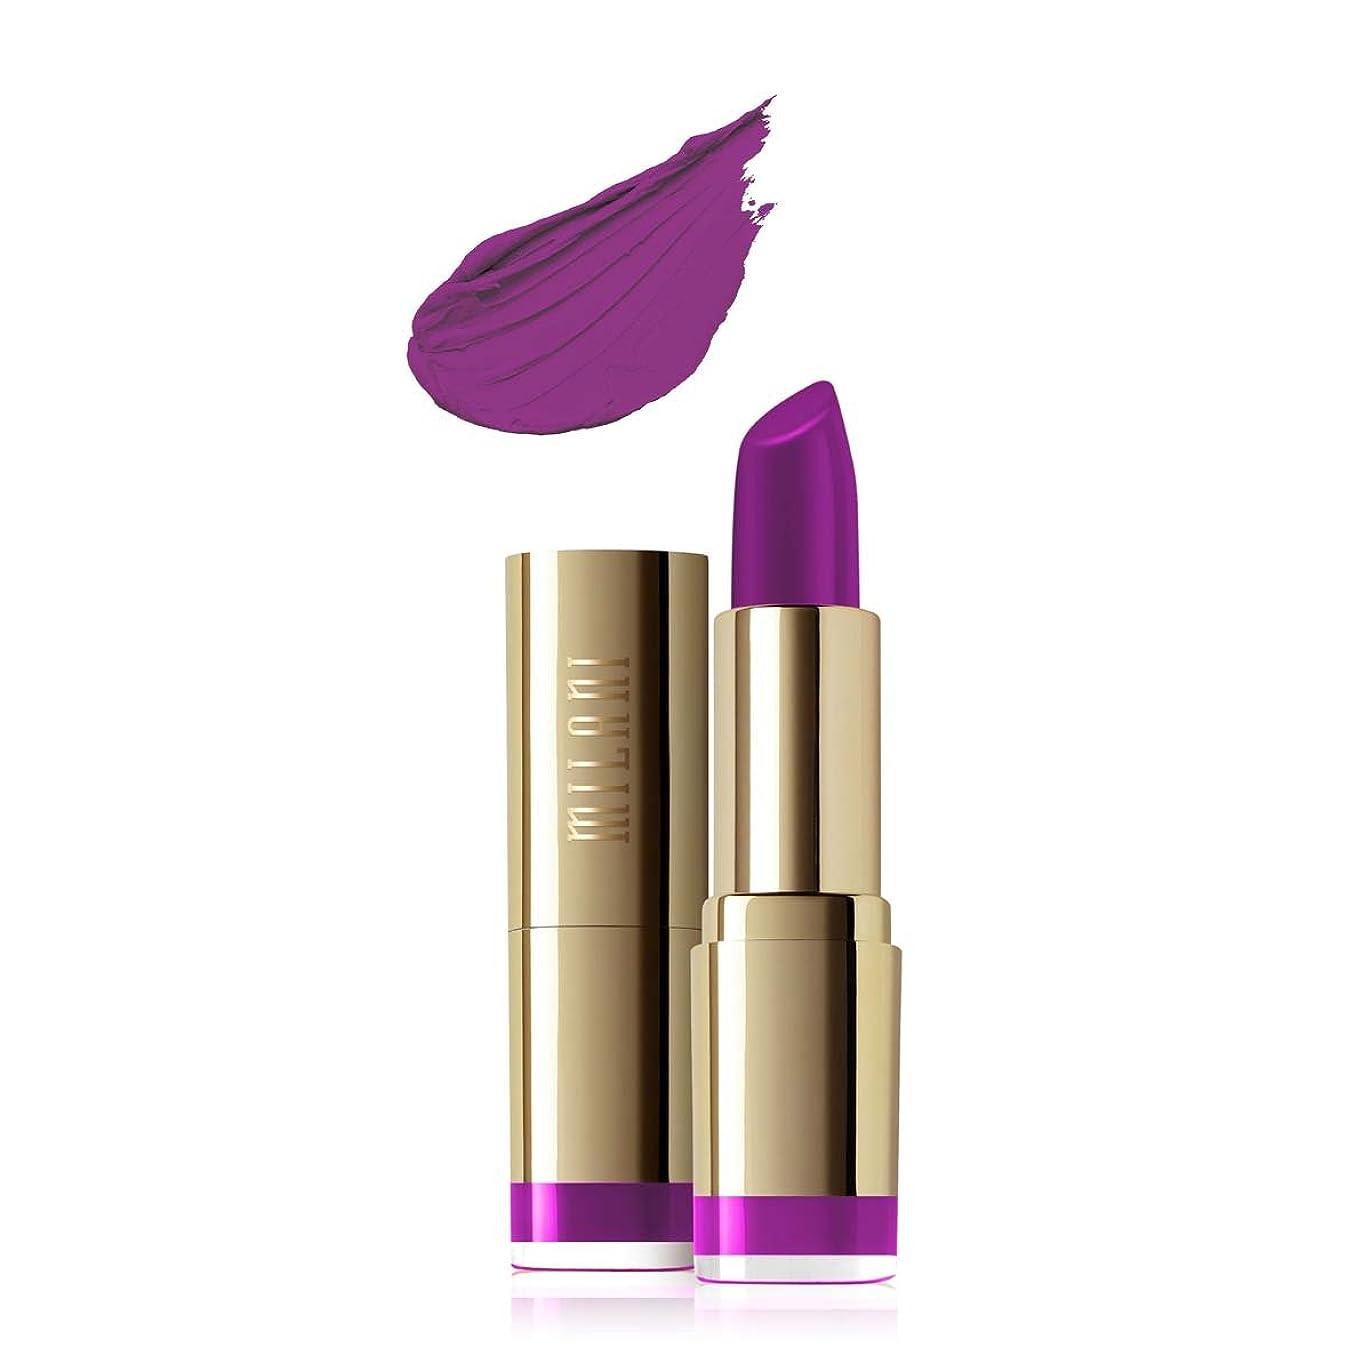 保証金バイオリンではごきげんようMILANI Color Statement Moisture Matte Lipstick - Matte Glam (Vegan) (並行輸入品)